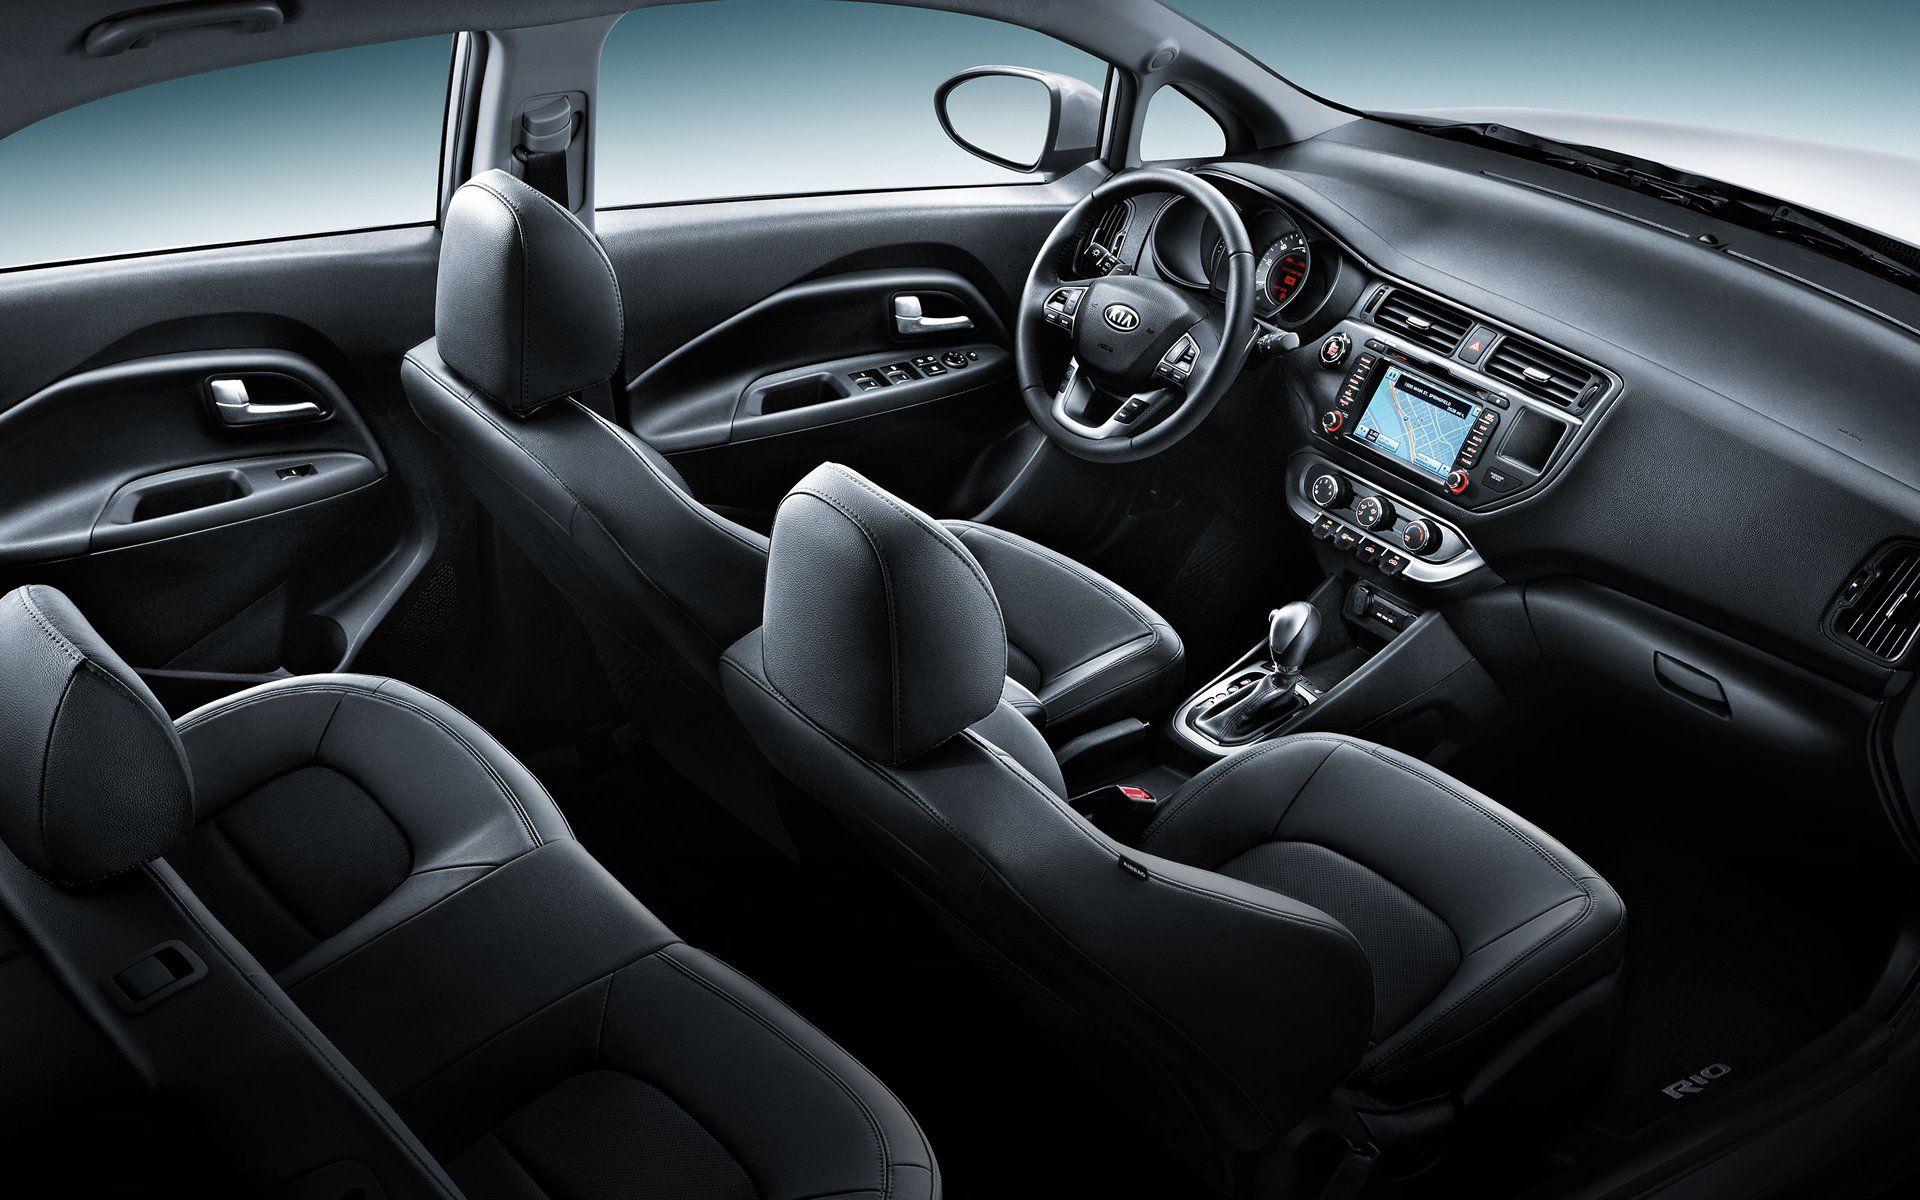 2015 Kia Rio 5 Door Subcompact Hatchback